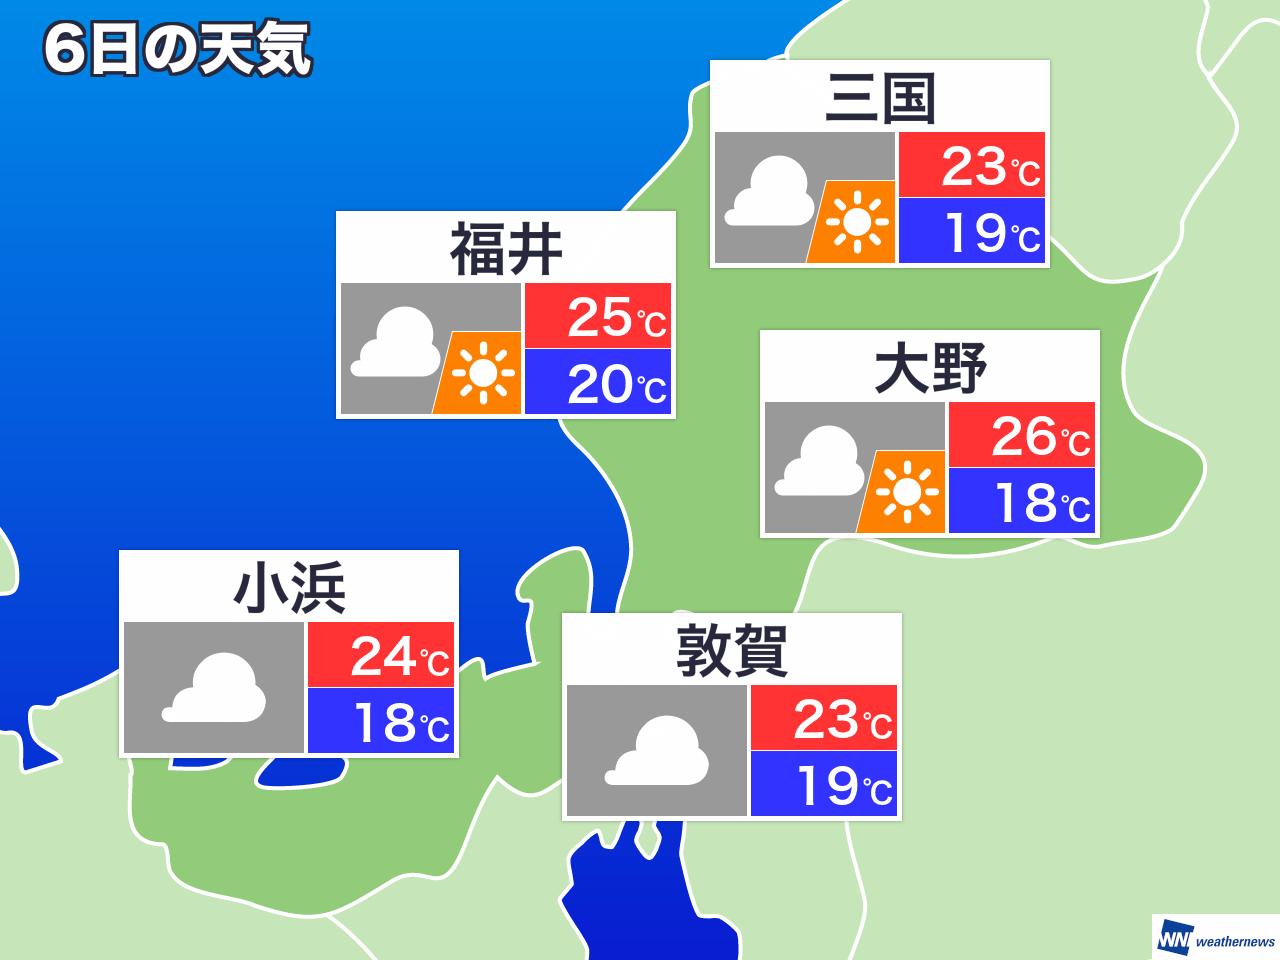 市 茨城 天気 鹿島 県